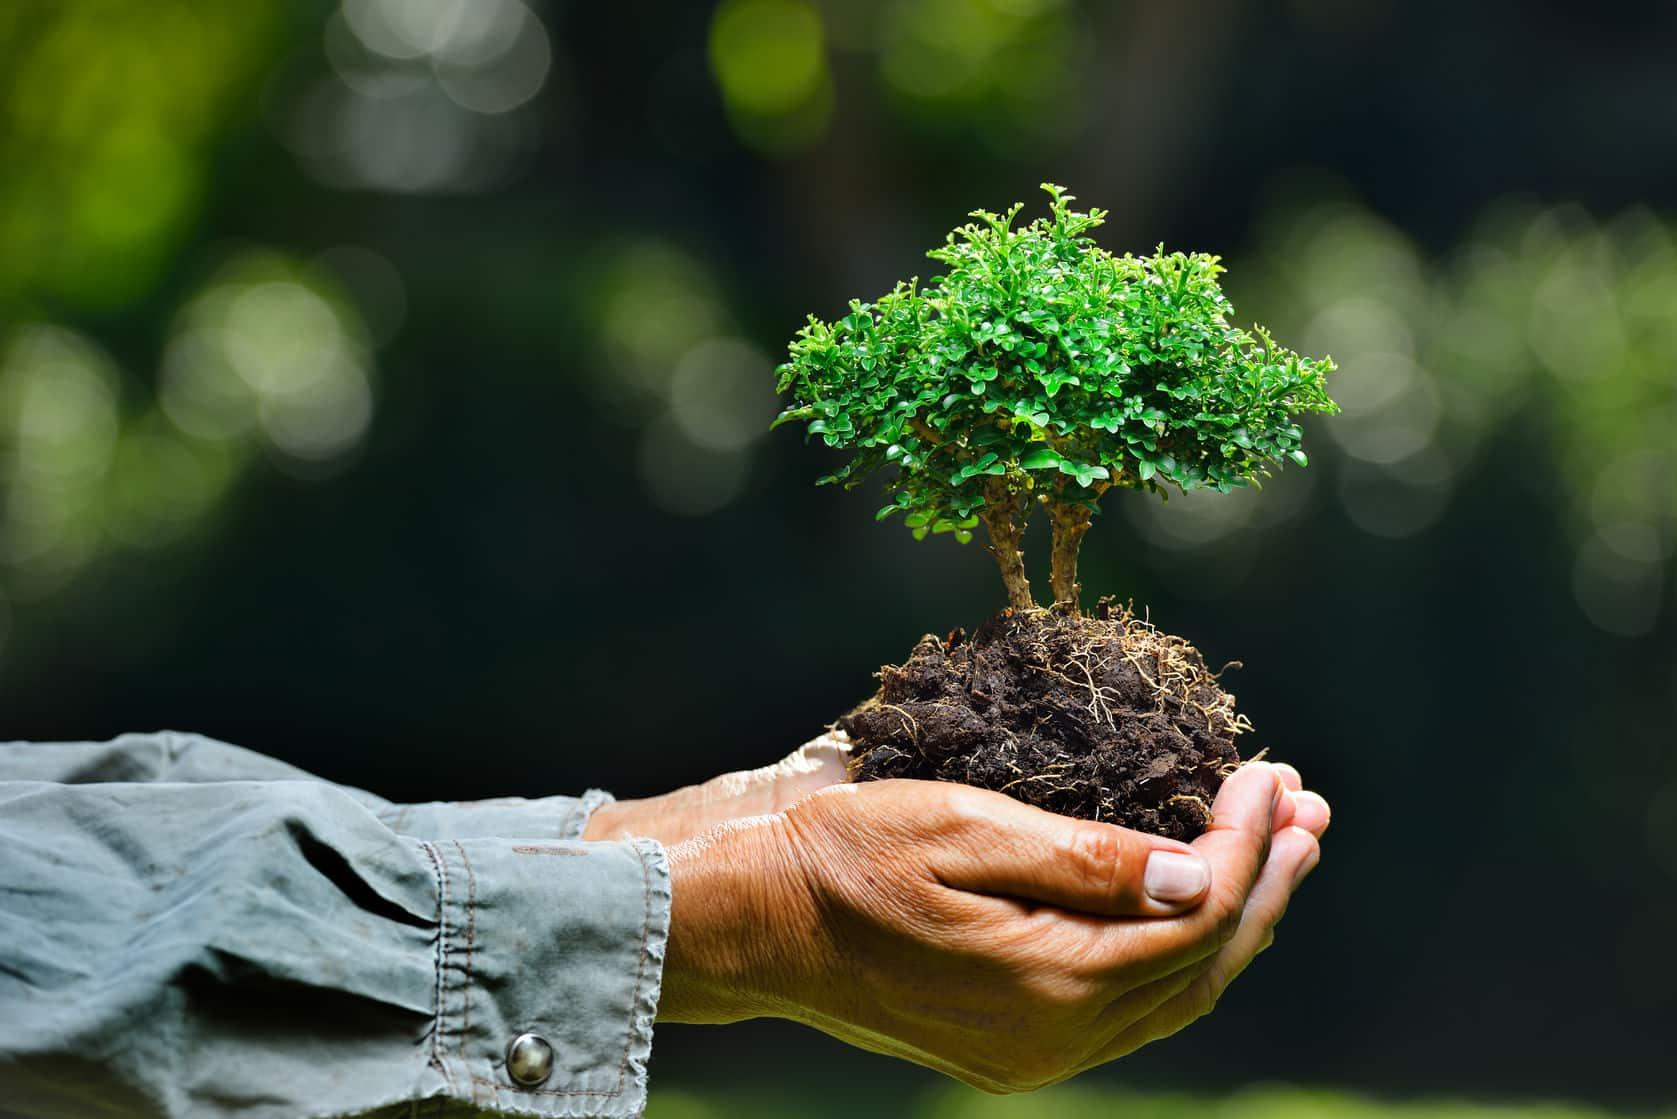 Manos agarrando un árbol pequeño